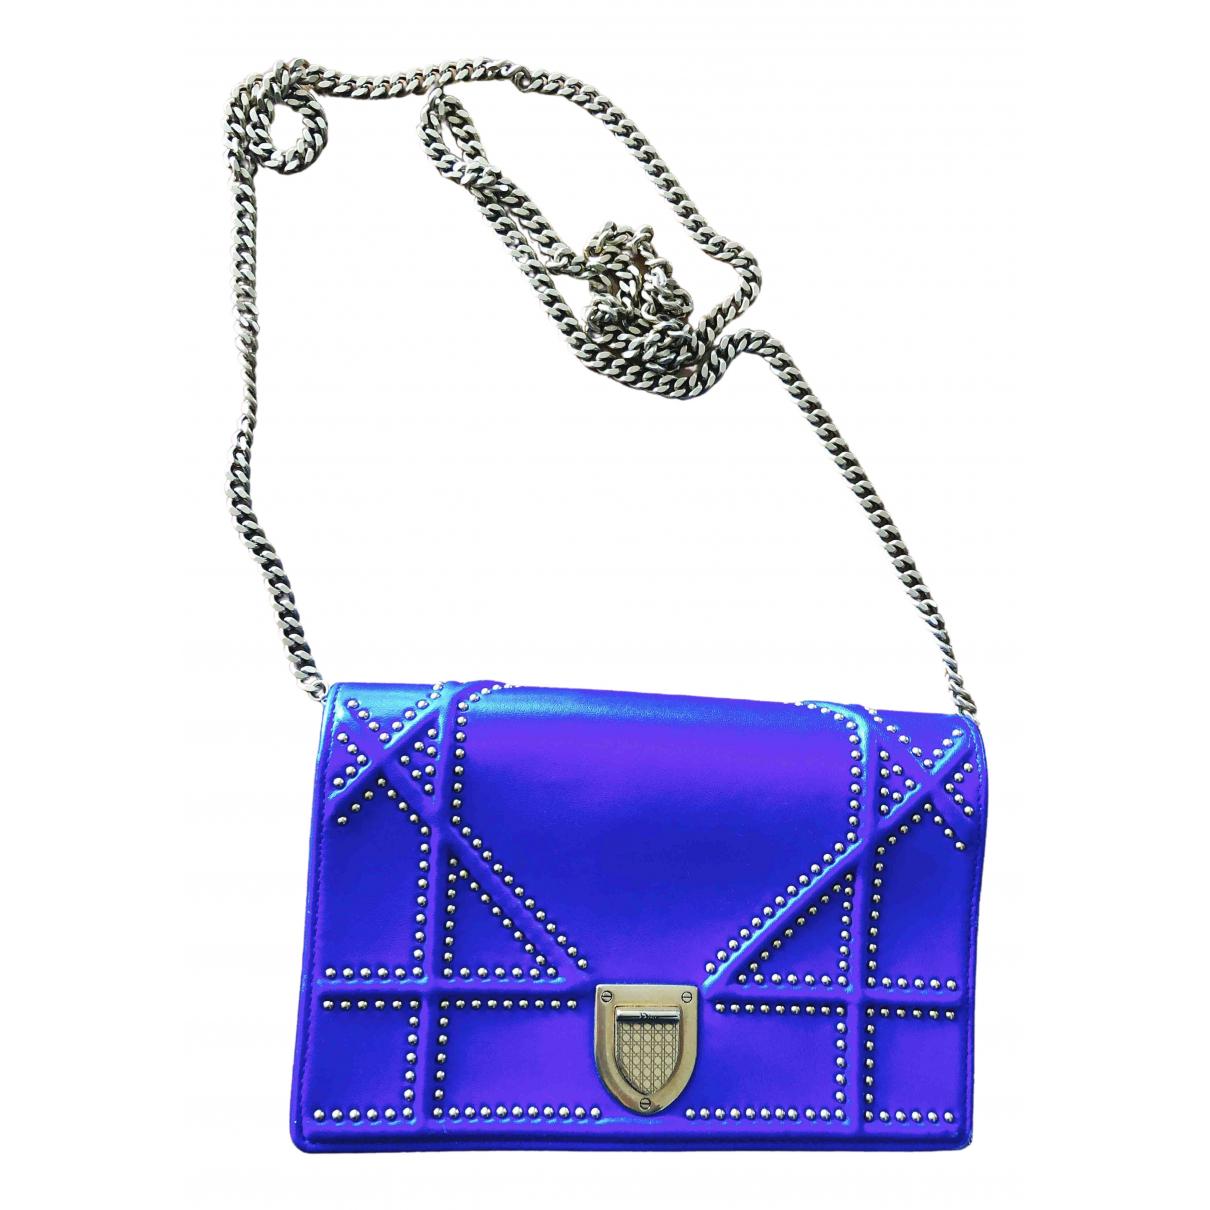 Dior Diorama Clutch in  Blau Leder